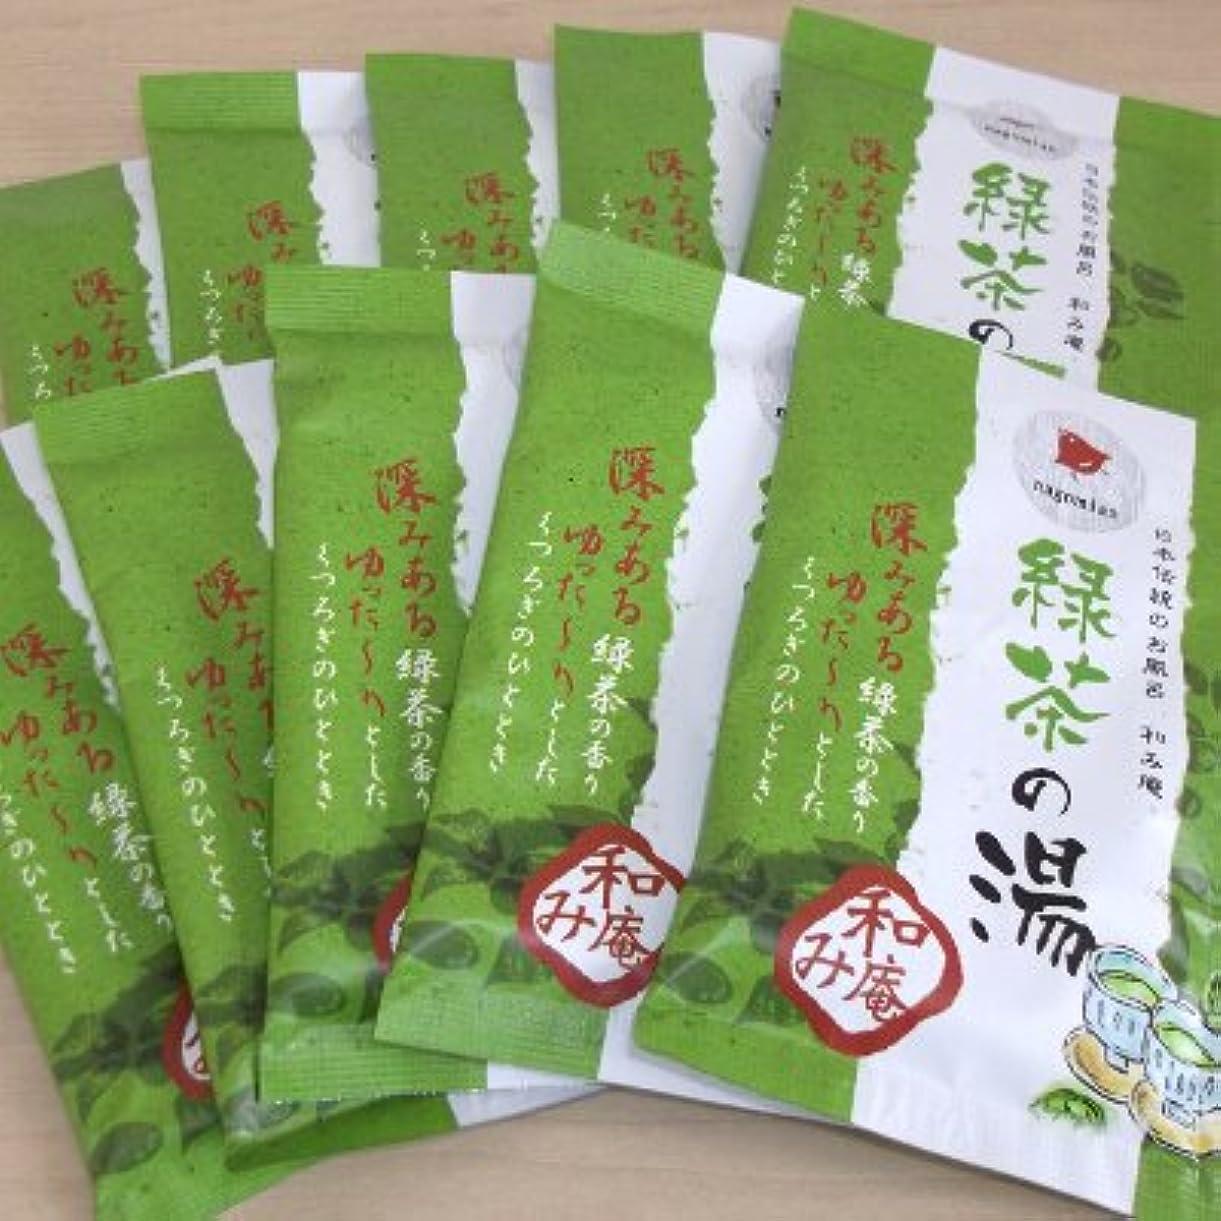 ピークどれかすかな和み庵 緑茶の湯 10包セット